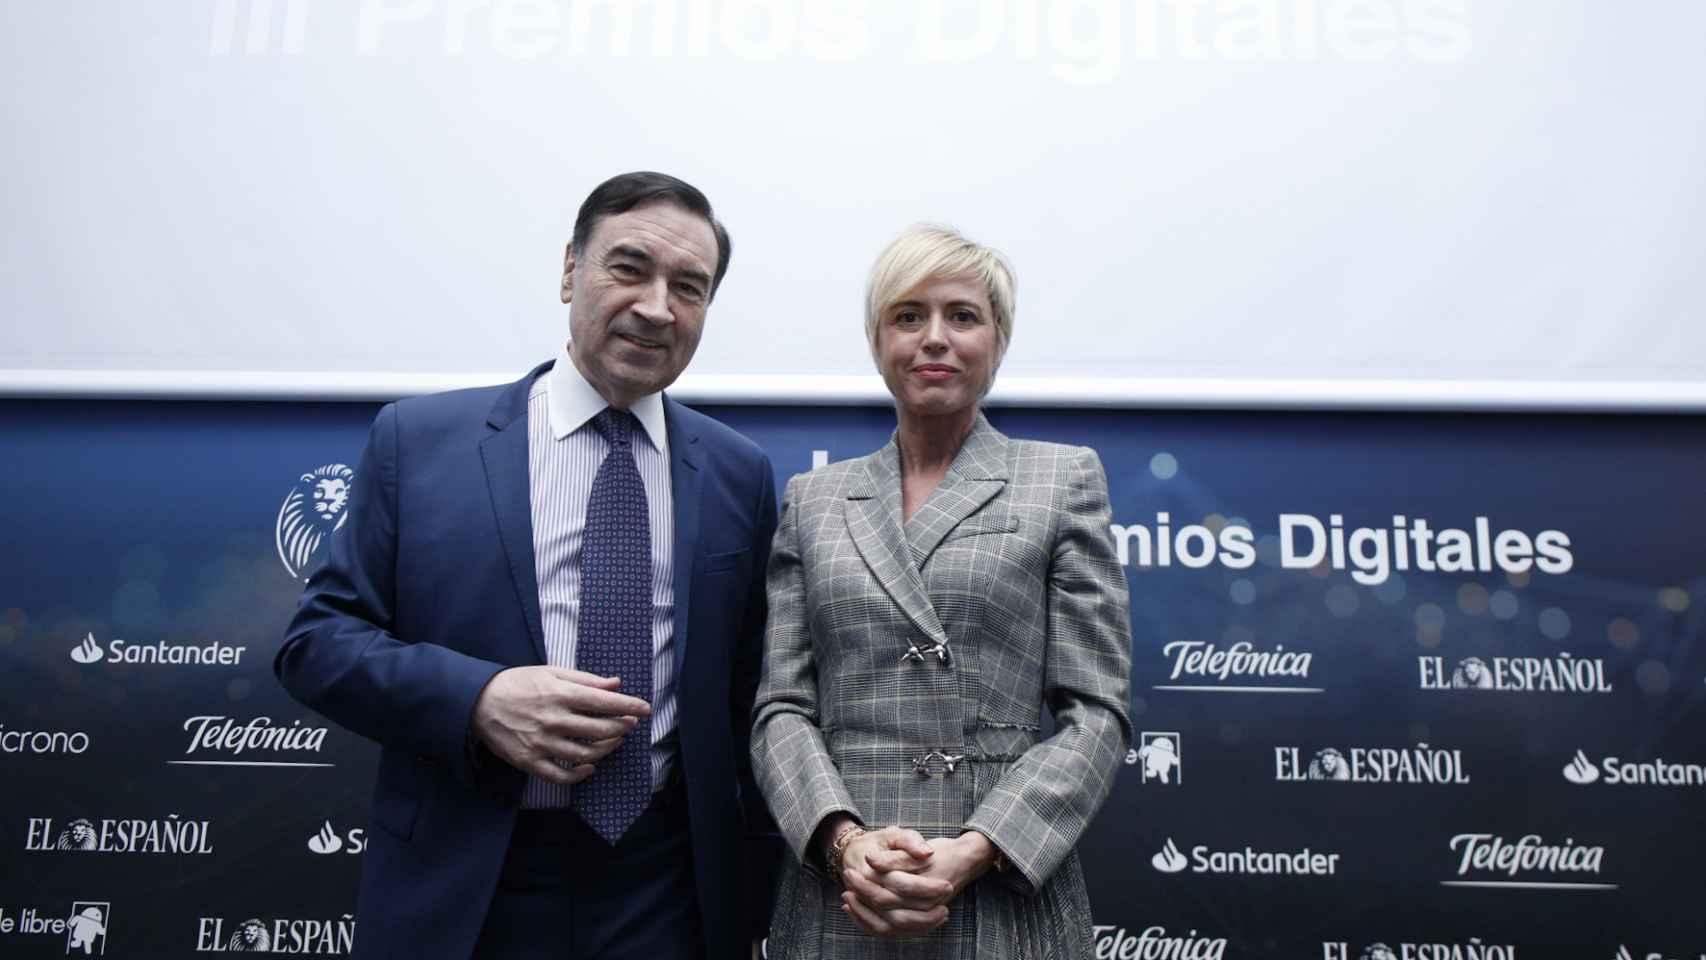 Entrega III Premios Digitales retratos y momentos de la gala